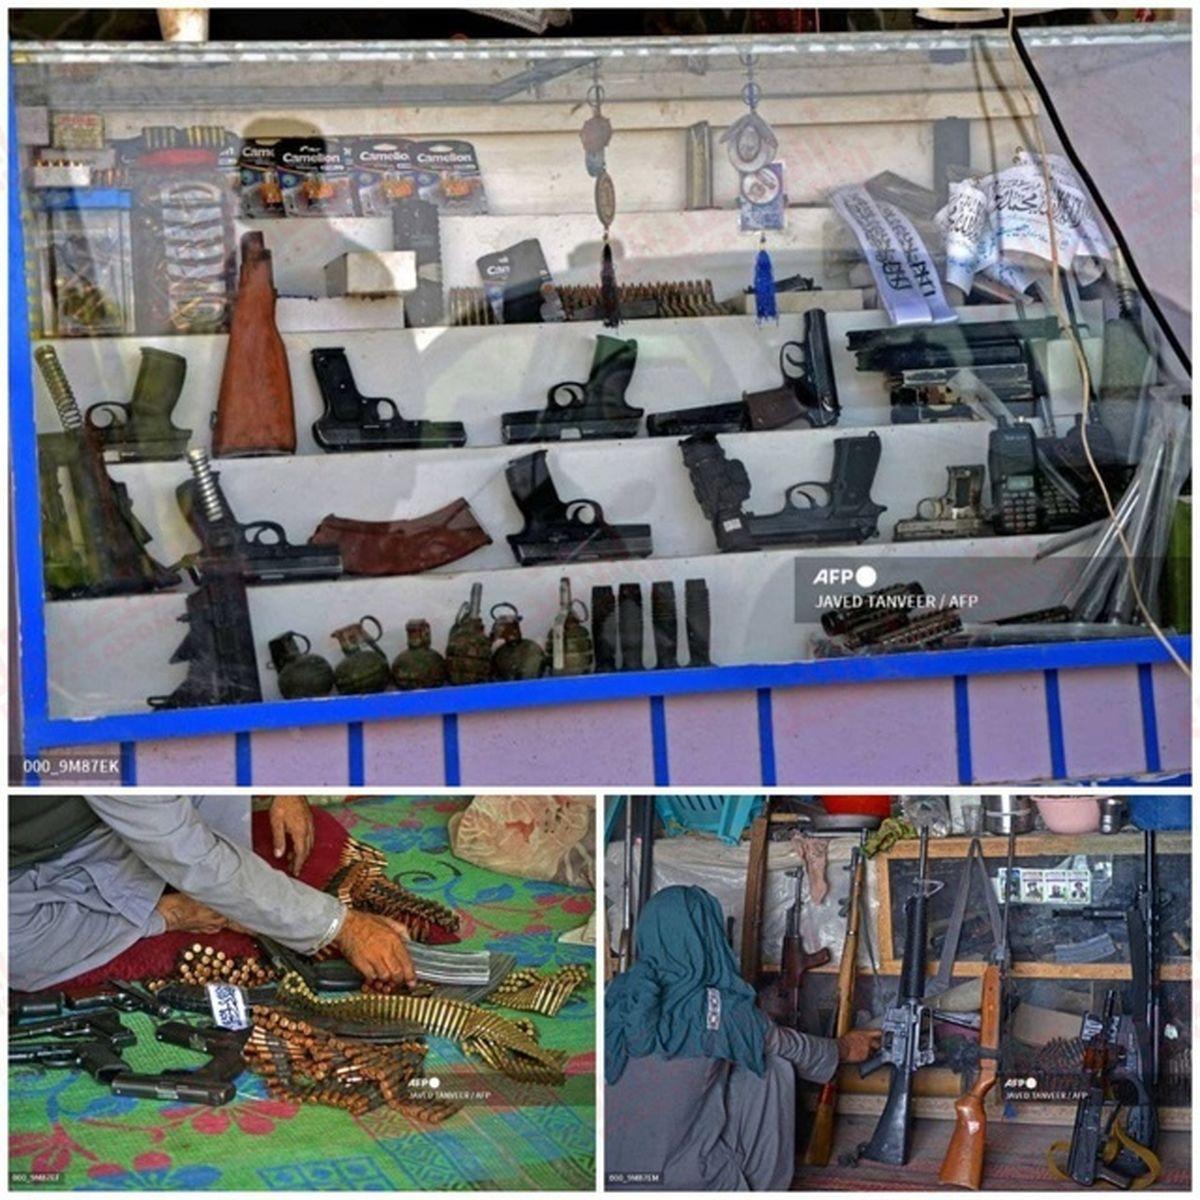 اسلحه فروشی در افغانستان تحت حکومت طالبان + عکس